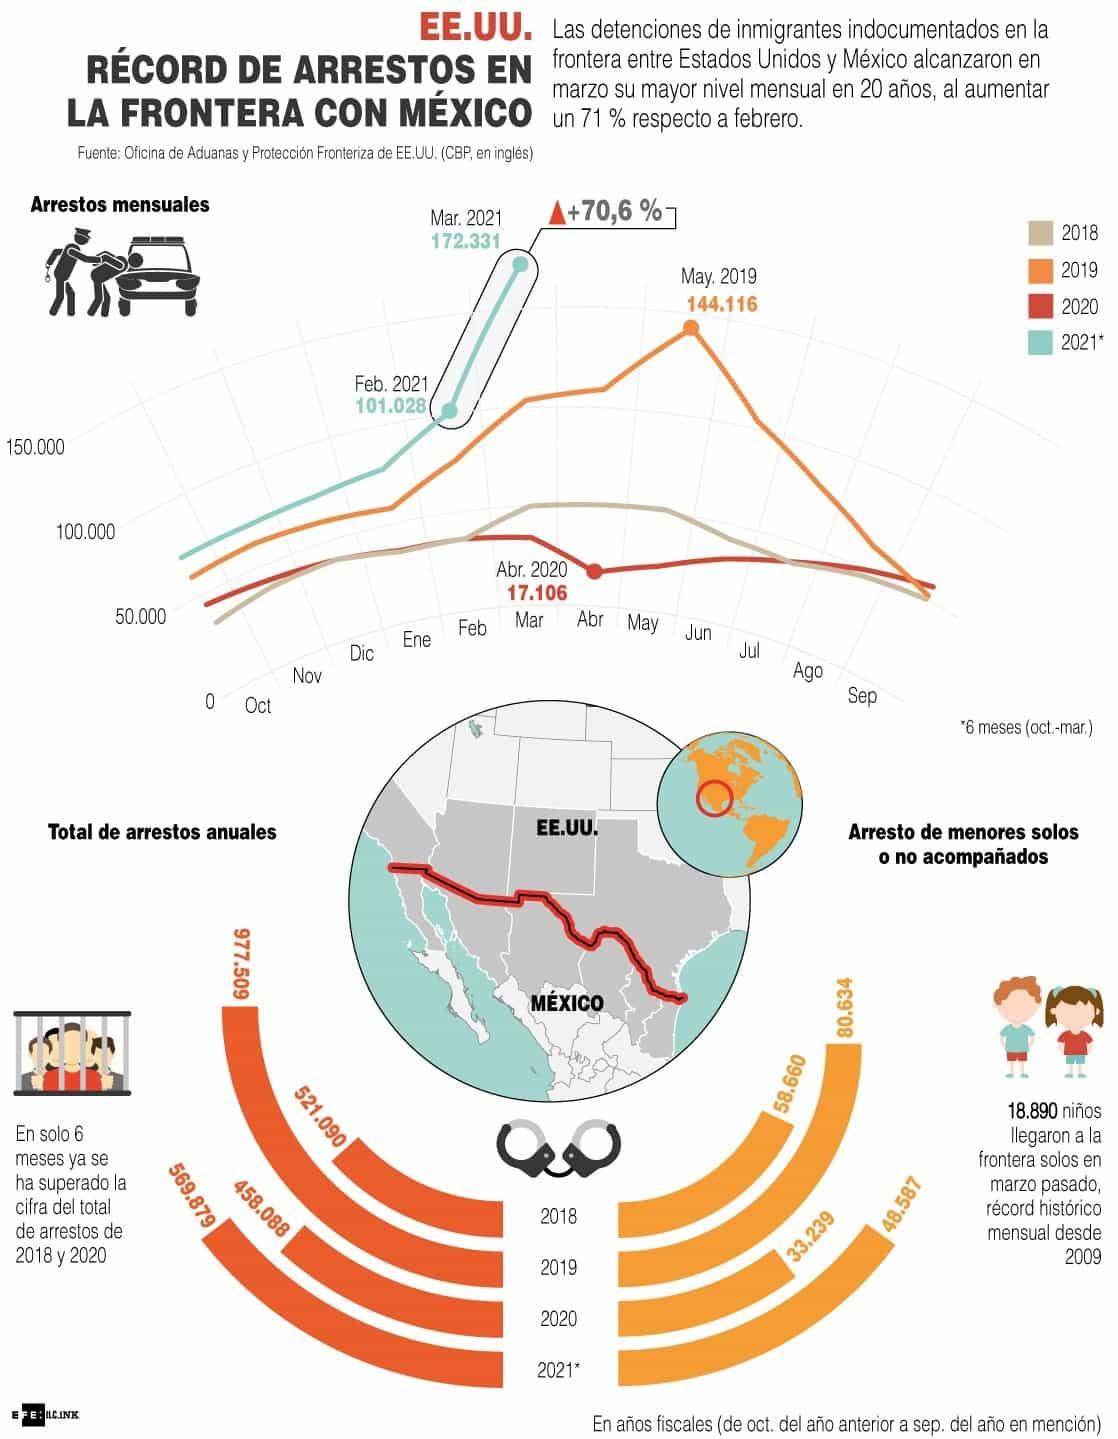 [Infografía] - EE.UU. Récord de arrestos en la frontera con México 1